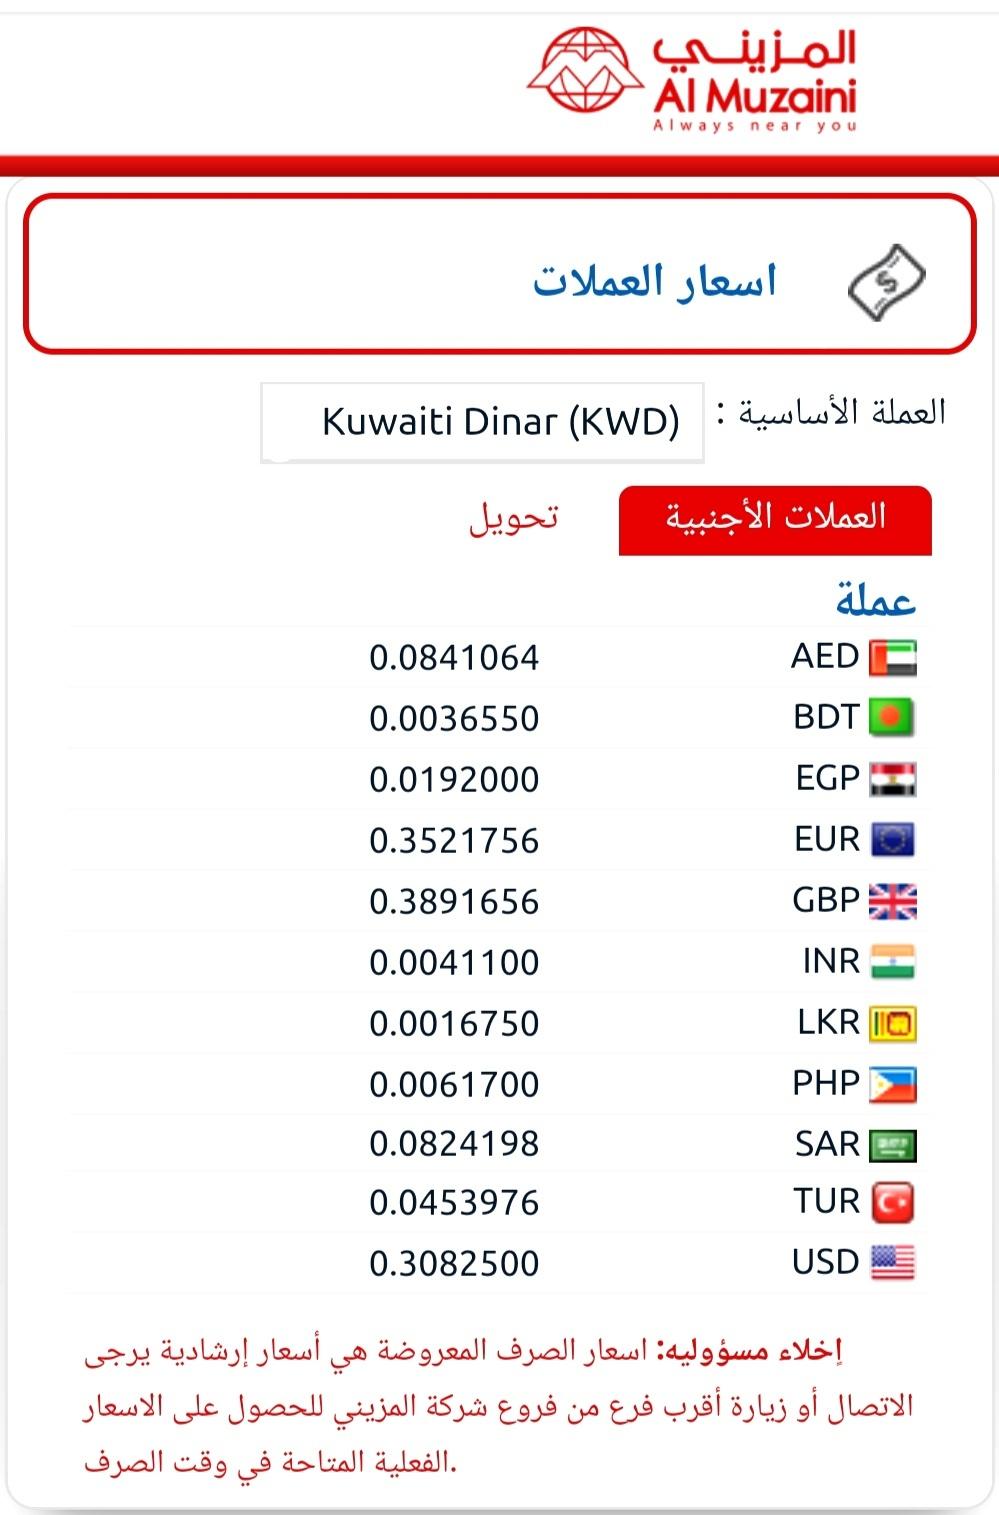 شركة المزيني الكويت سعر تحويل الدينار اليوم سعر تحويل الدولار وتحويل الجنية